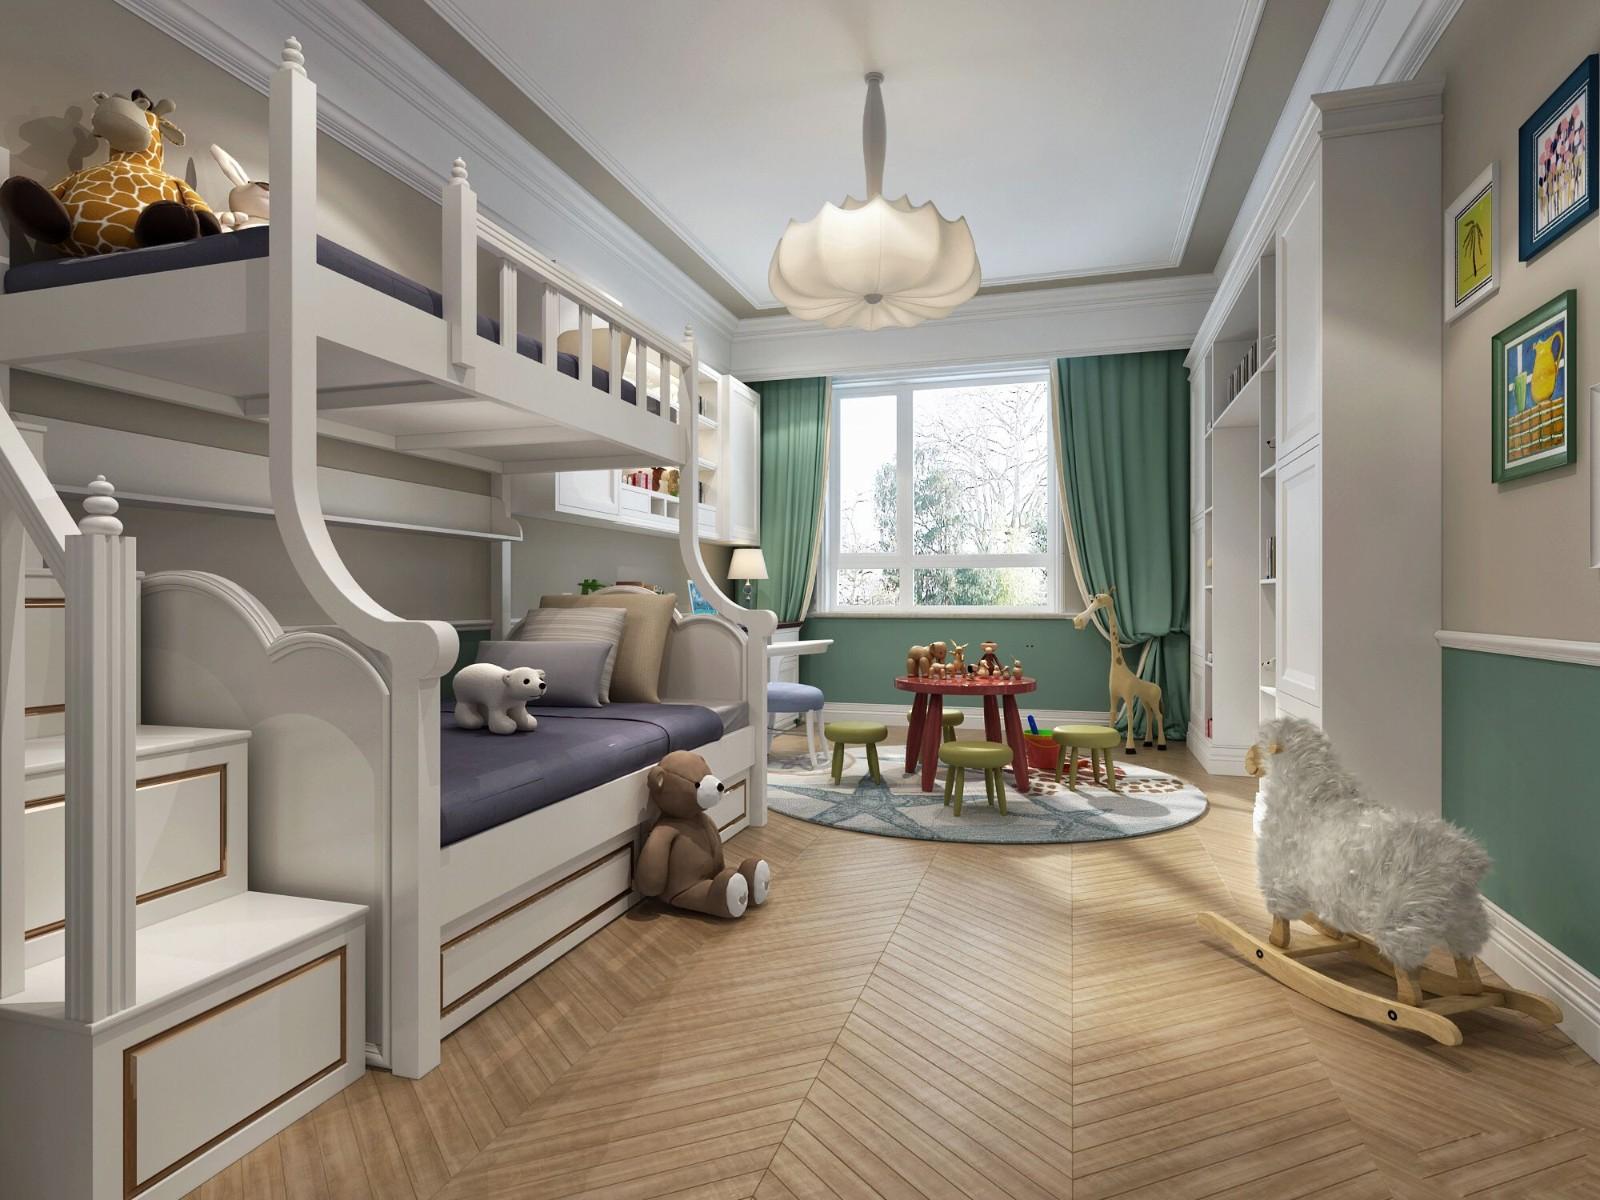 2020简欧卧室装修设计图片 2020简欧过道装修效果图大全